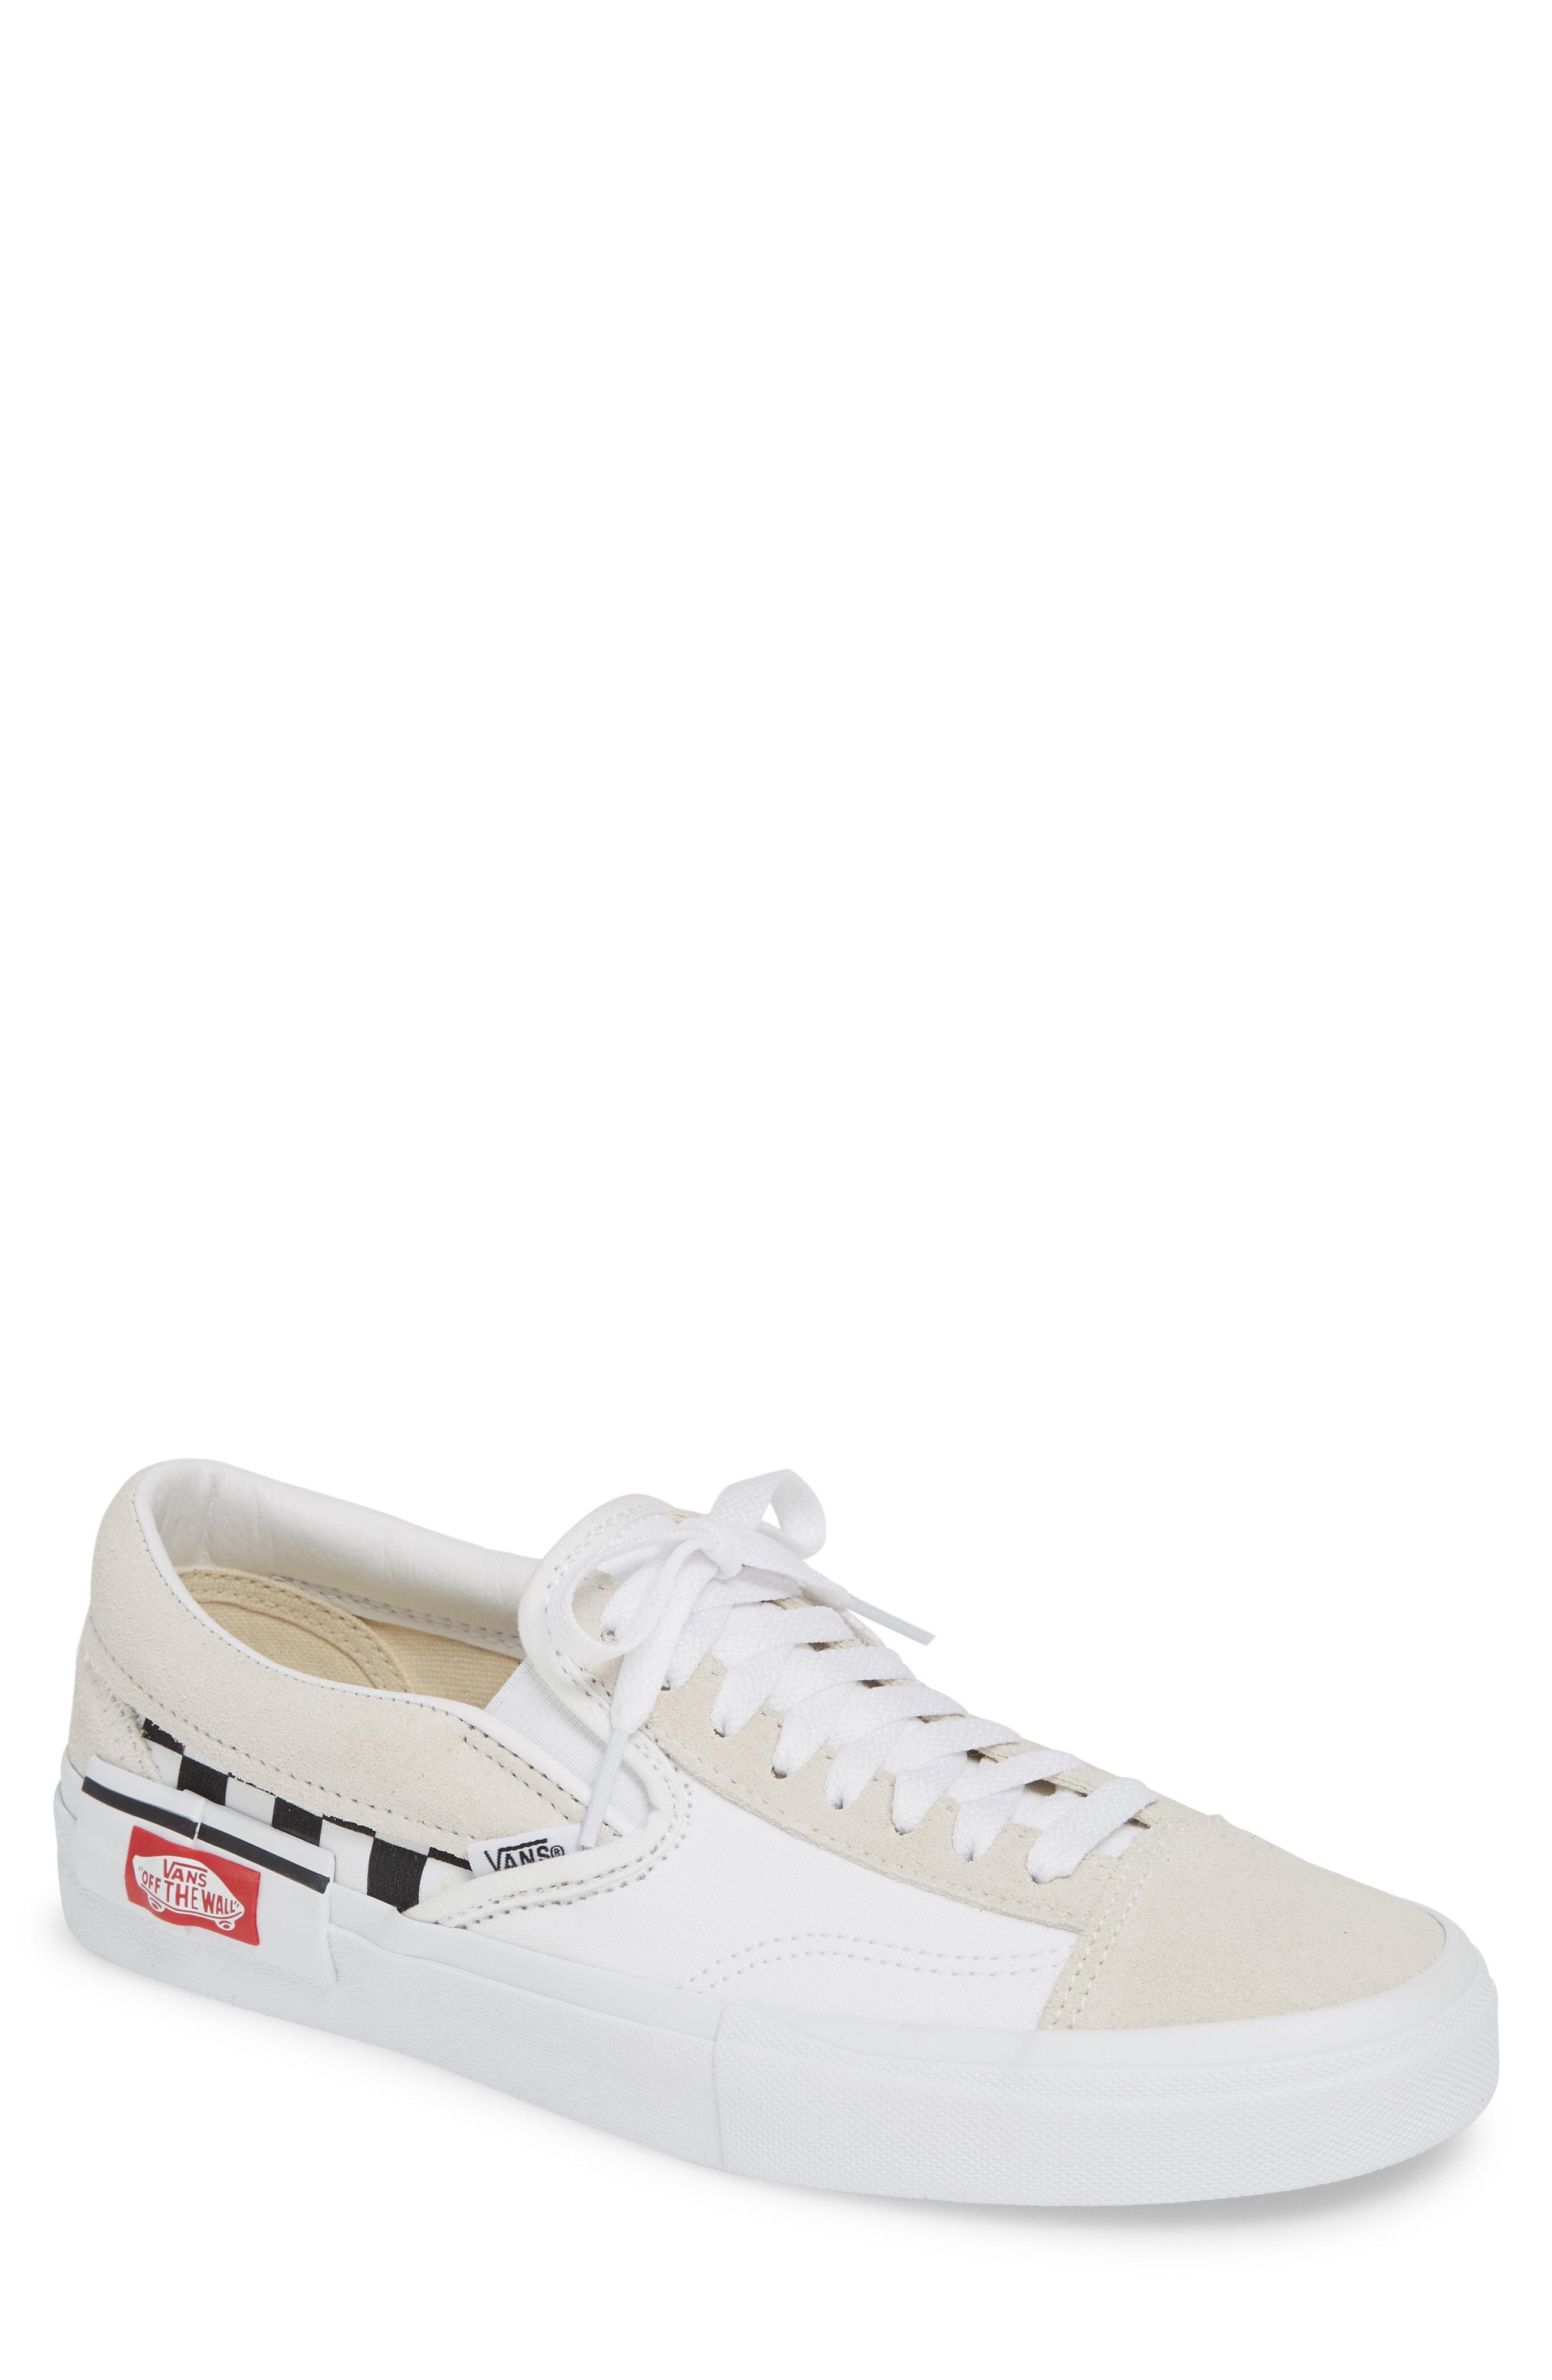 ec64929a3a16 Lyst - Vans Cap Sneaker in White for Men